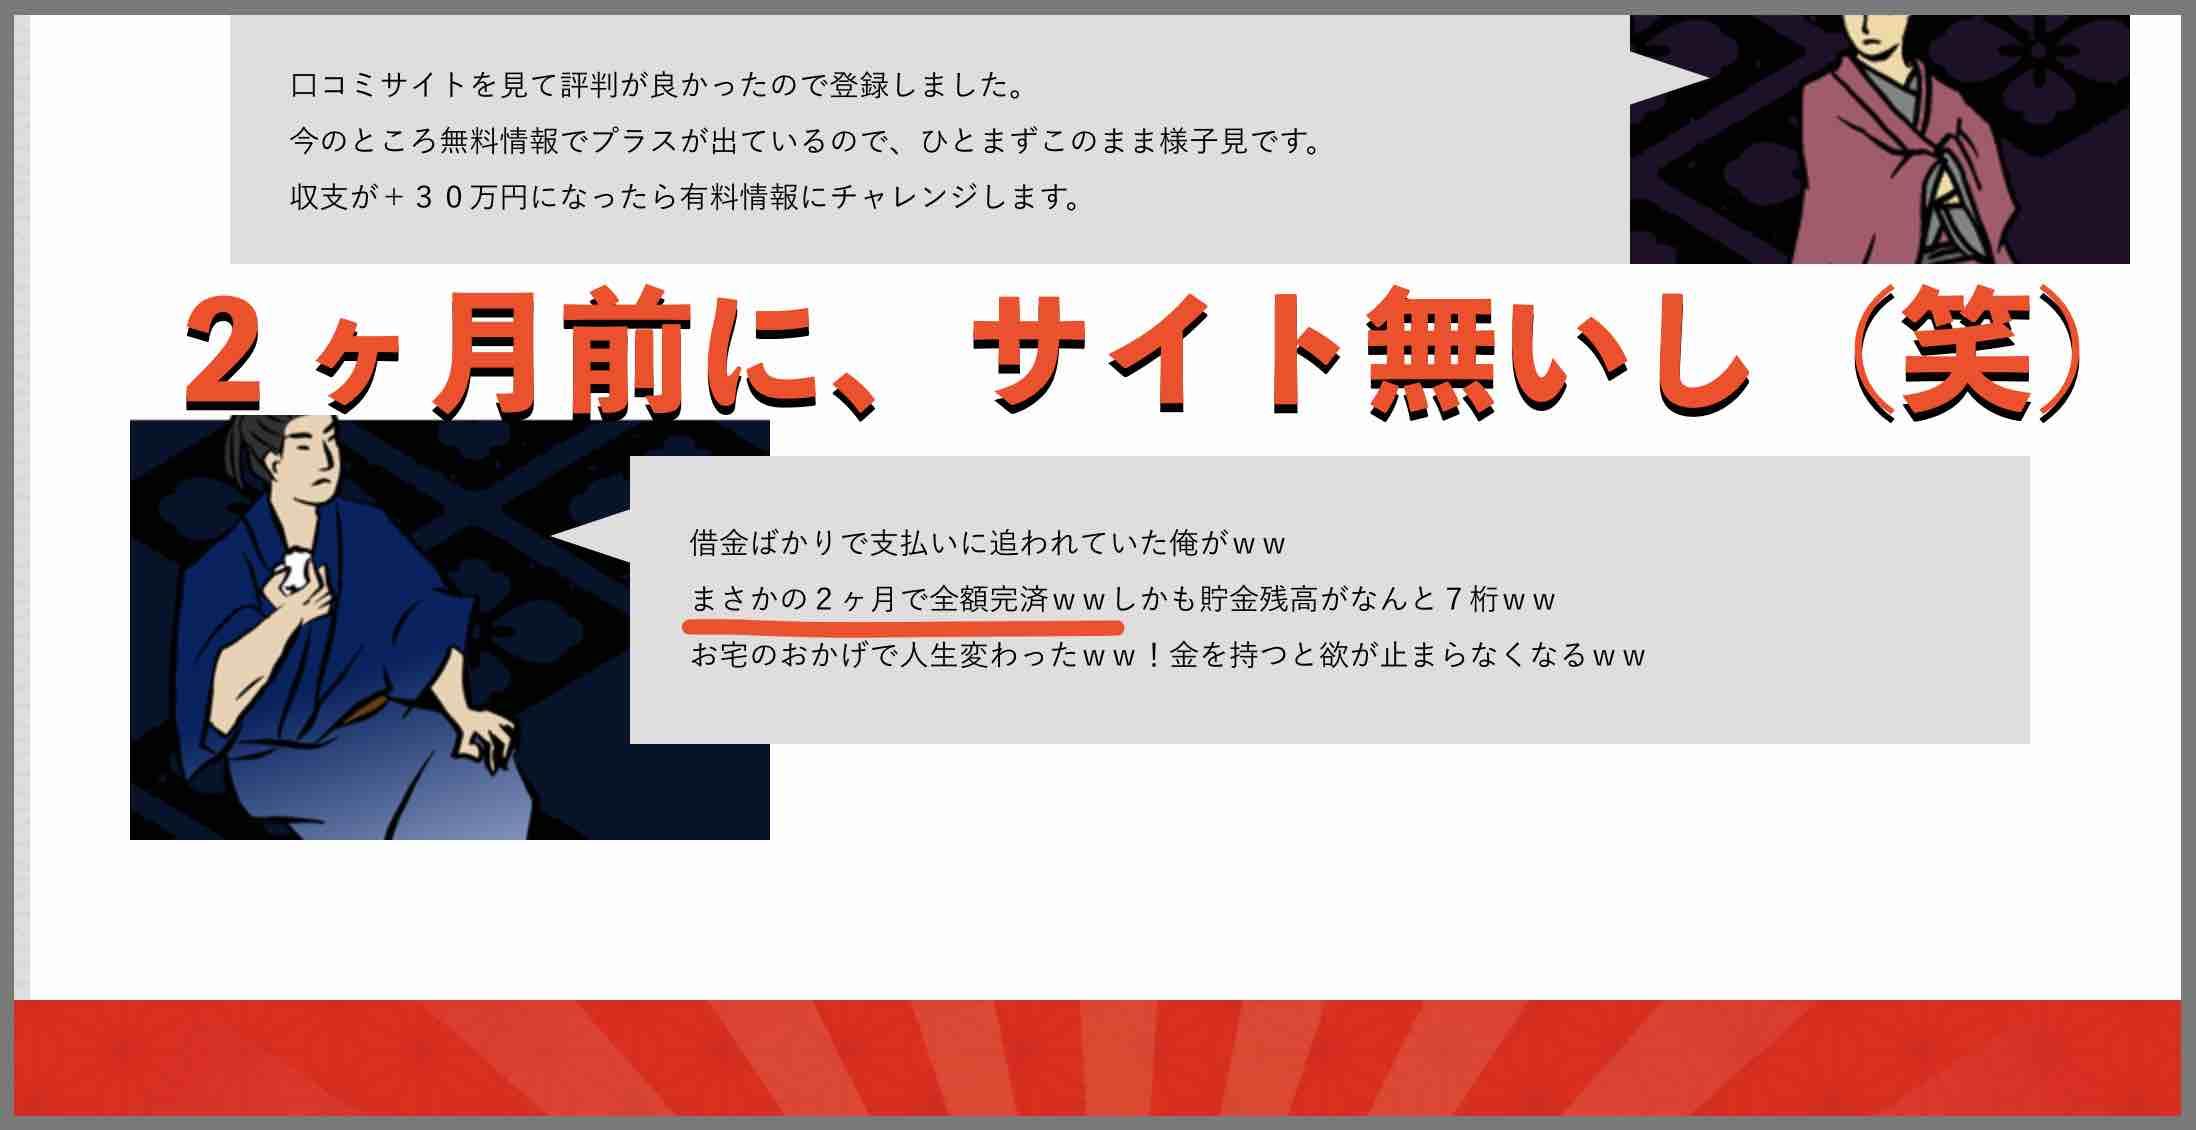 競馬予想サイトの「うま屋総本家」は嘘つき競馬予想サイトのようだが?常習犯?